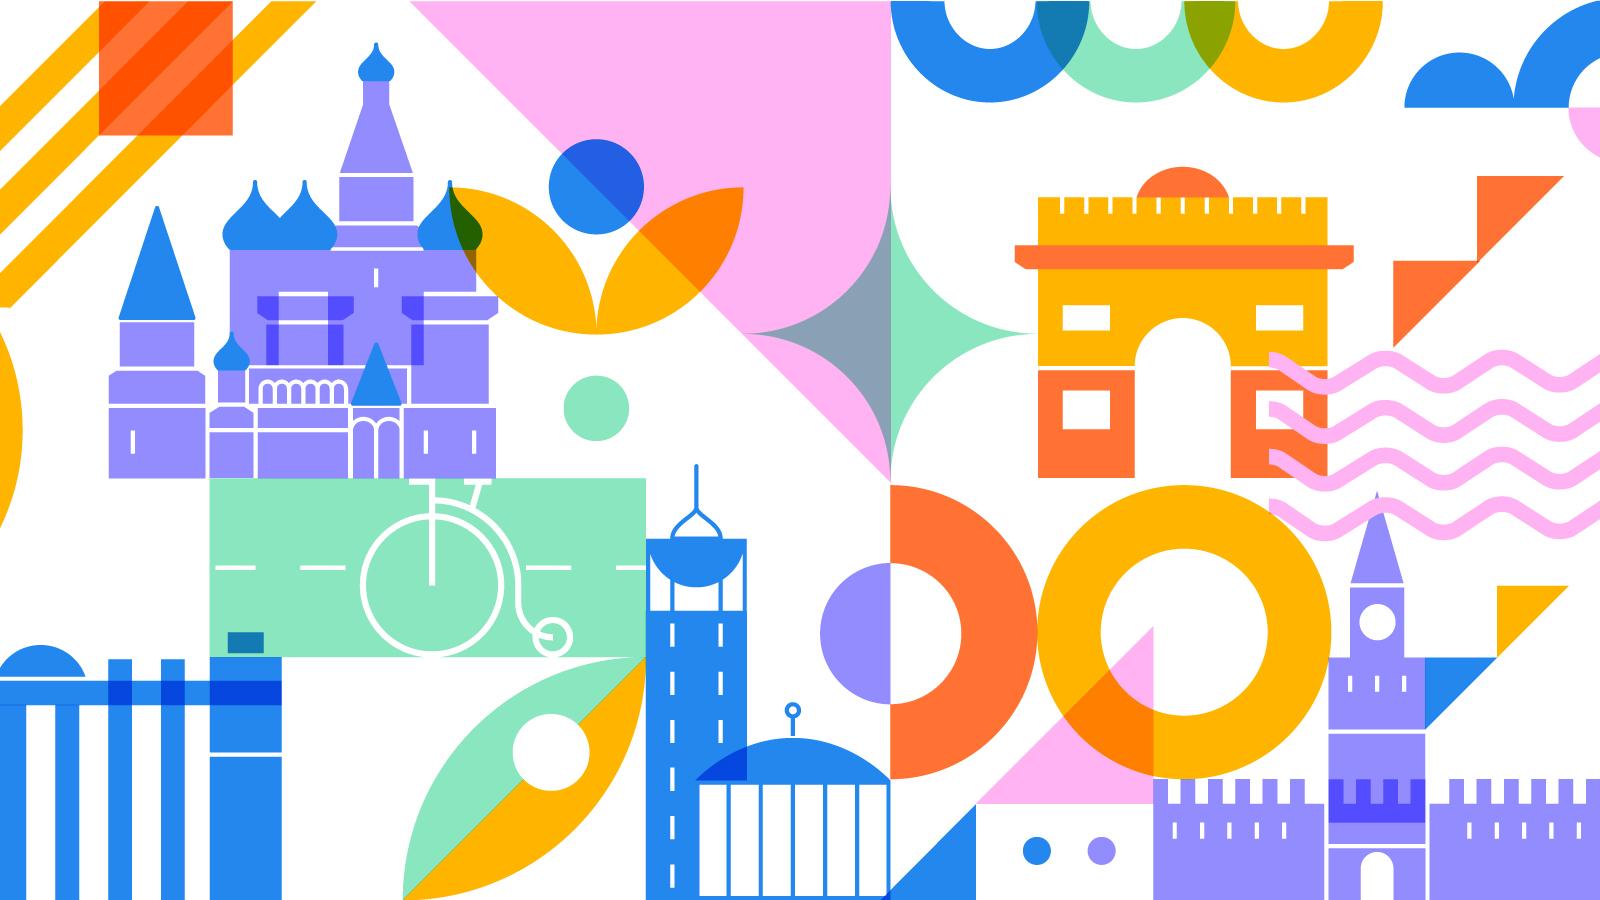 Красочный фирменный паттерн в основе фирменного стиля Московского велофестиваля создан на основе стилизованных образов главных достопримечательностей столицы.